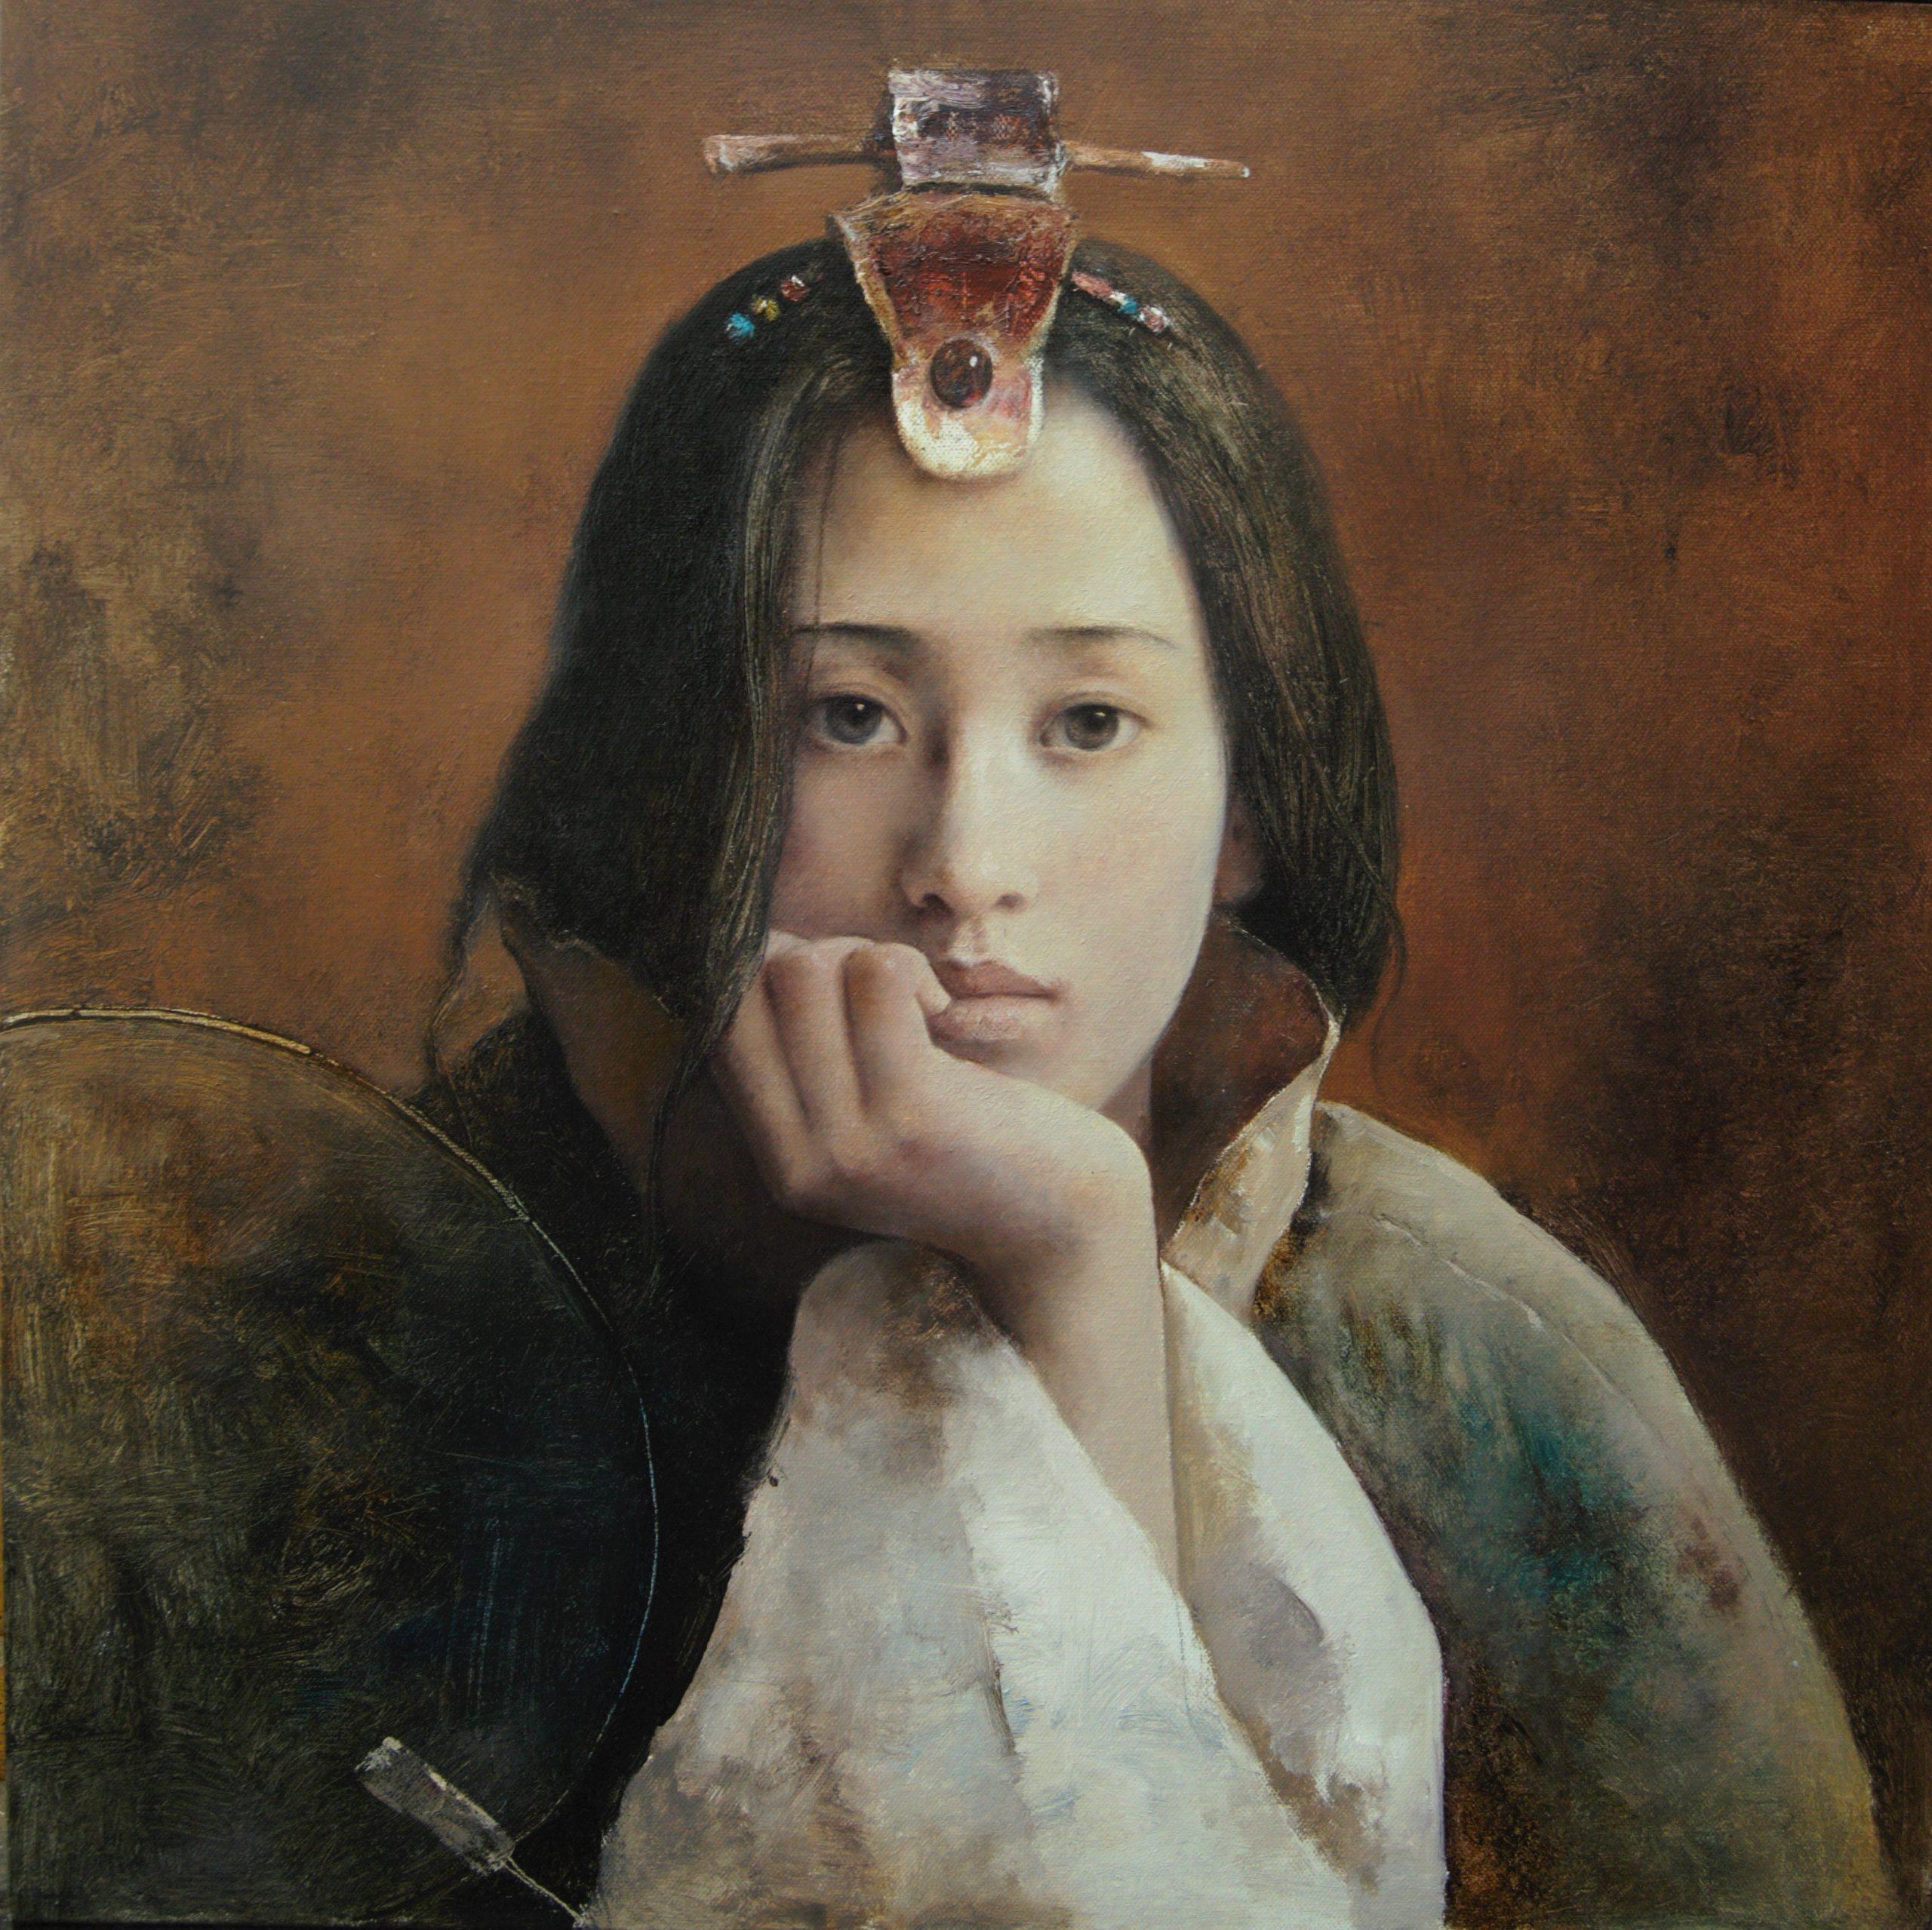 Tang Wei Min Artist